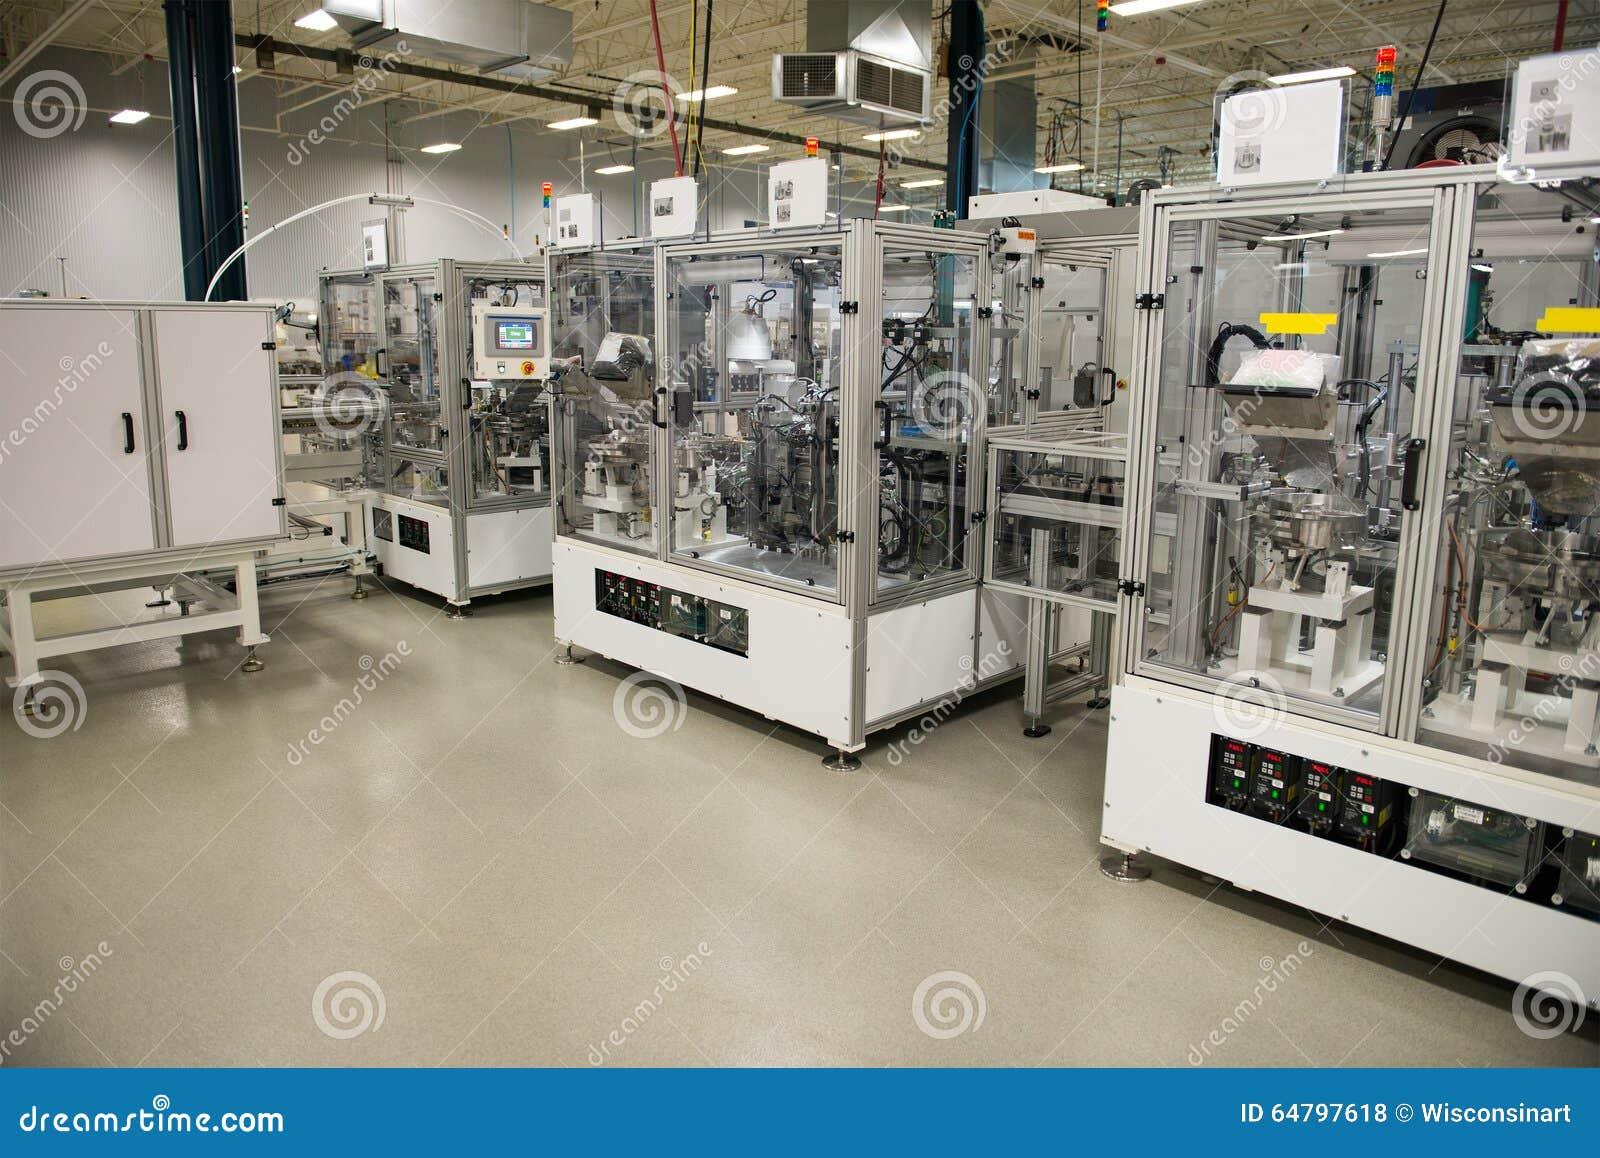 Βιομηχανικό εργοστάσιο κατασκευής, μηχανές αυτοματοποίησης